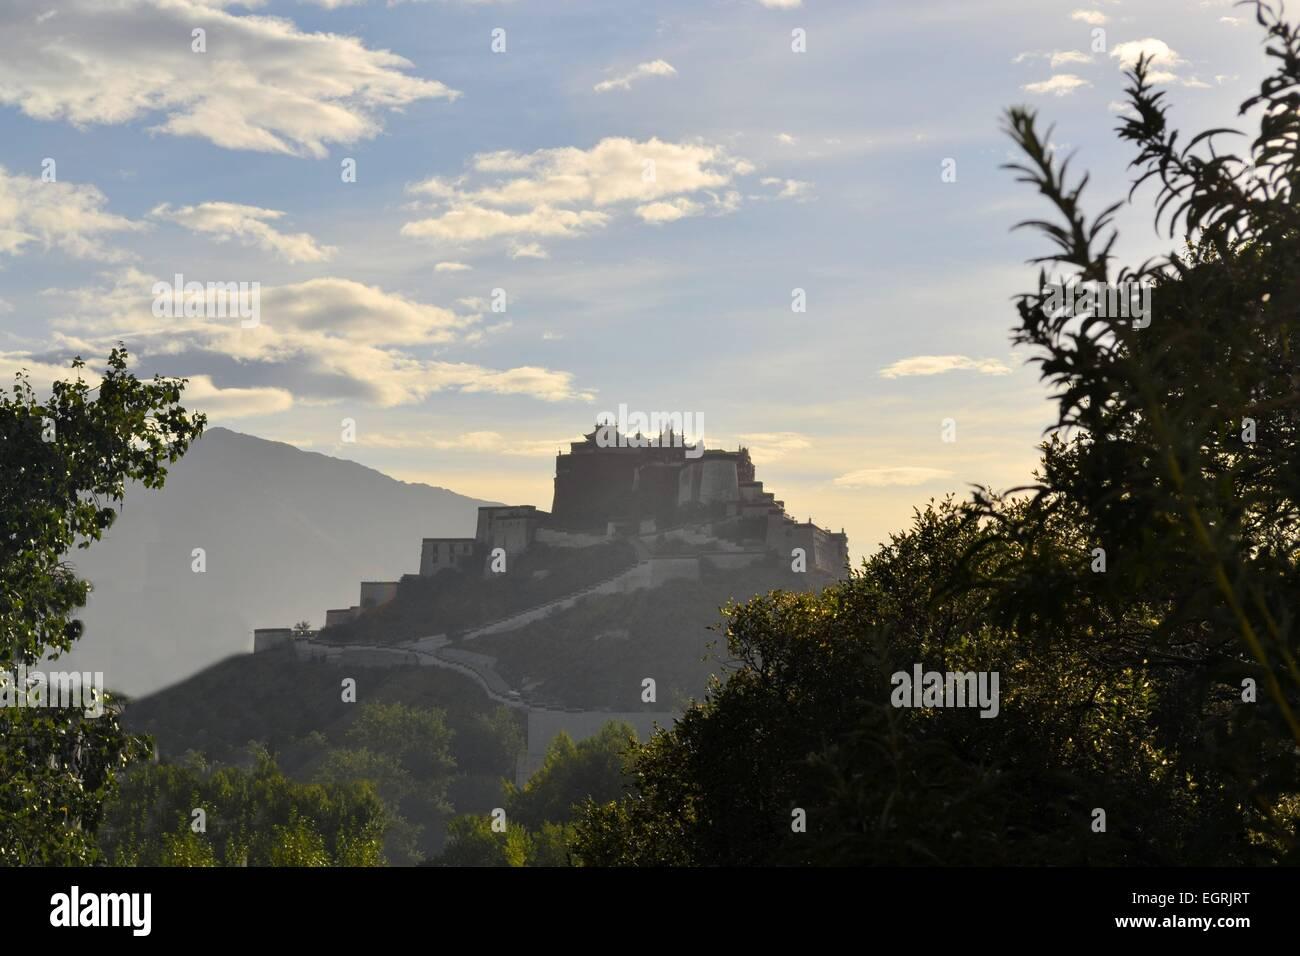 Potala Palace, former seat of Dalai Lama in Lhasa, Tibet - Stock Image